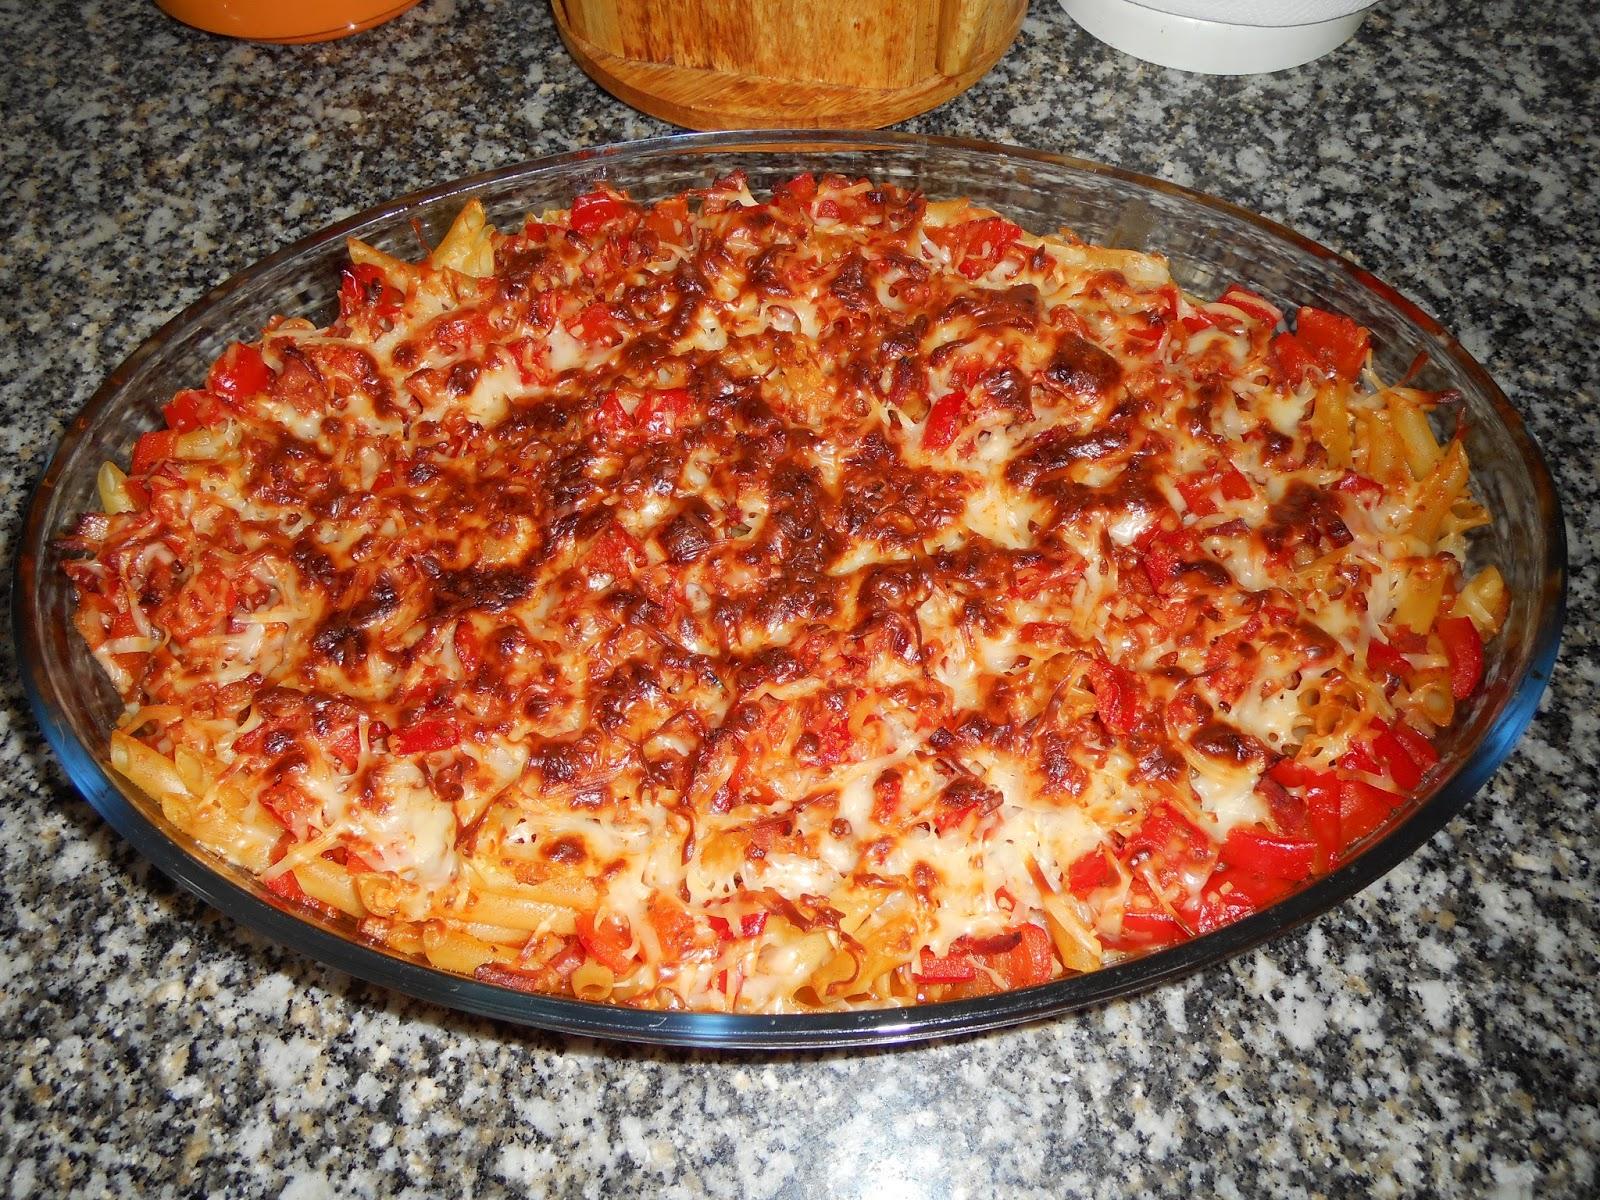 Experiencias con la familia macarrones con bacon gratinados al horno - Macarrones con verduras al horno ...